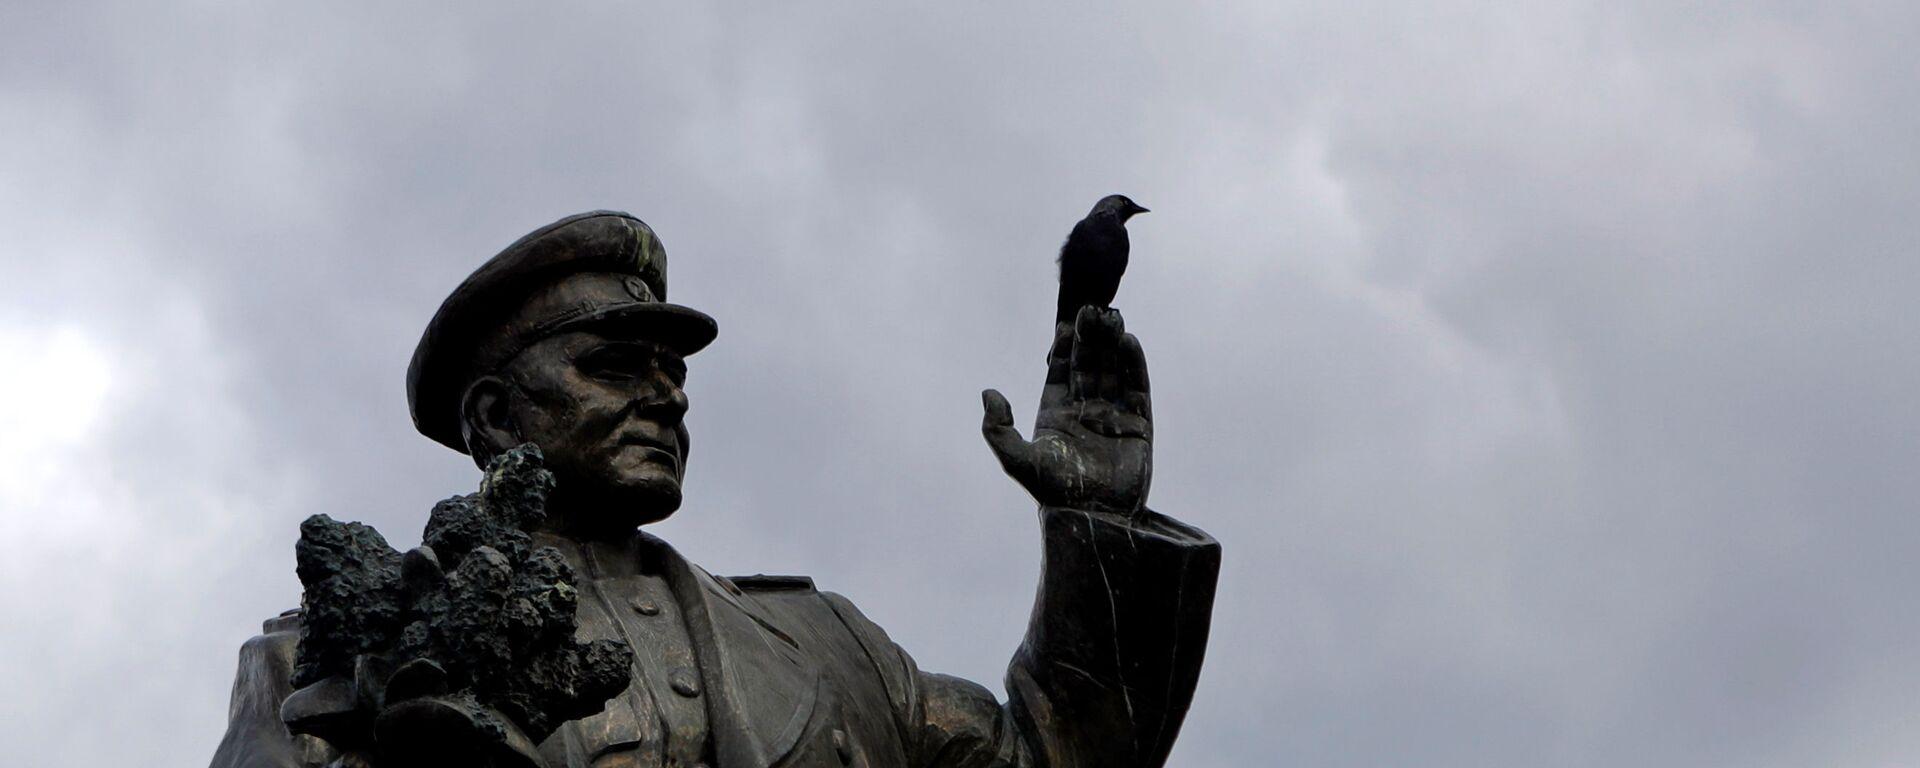 Socha maršala Koněva, která dříve stála v Praze-6. Archivní foto - Sputnik Česká republika, 1920, 21.09.2020